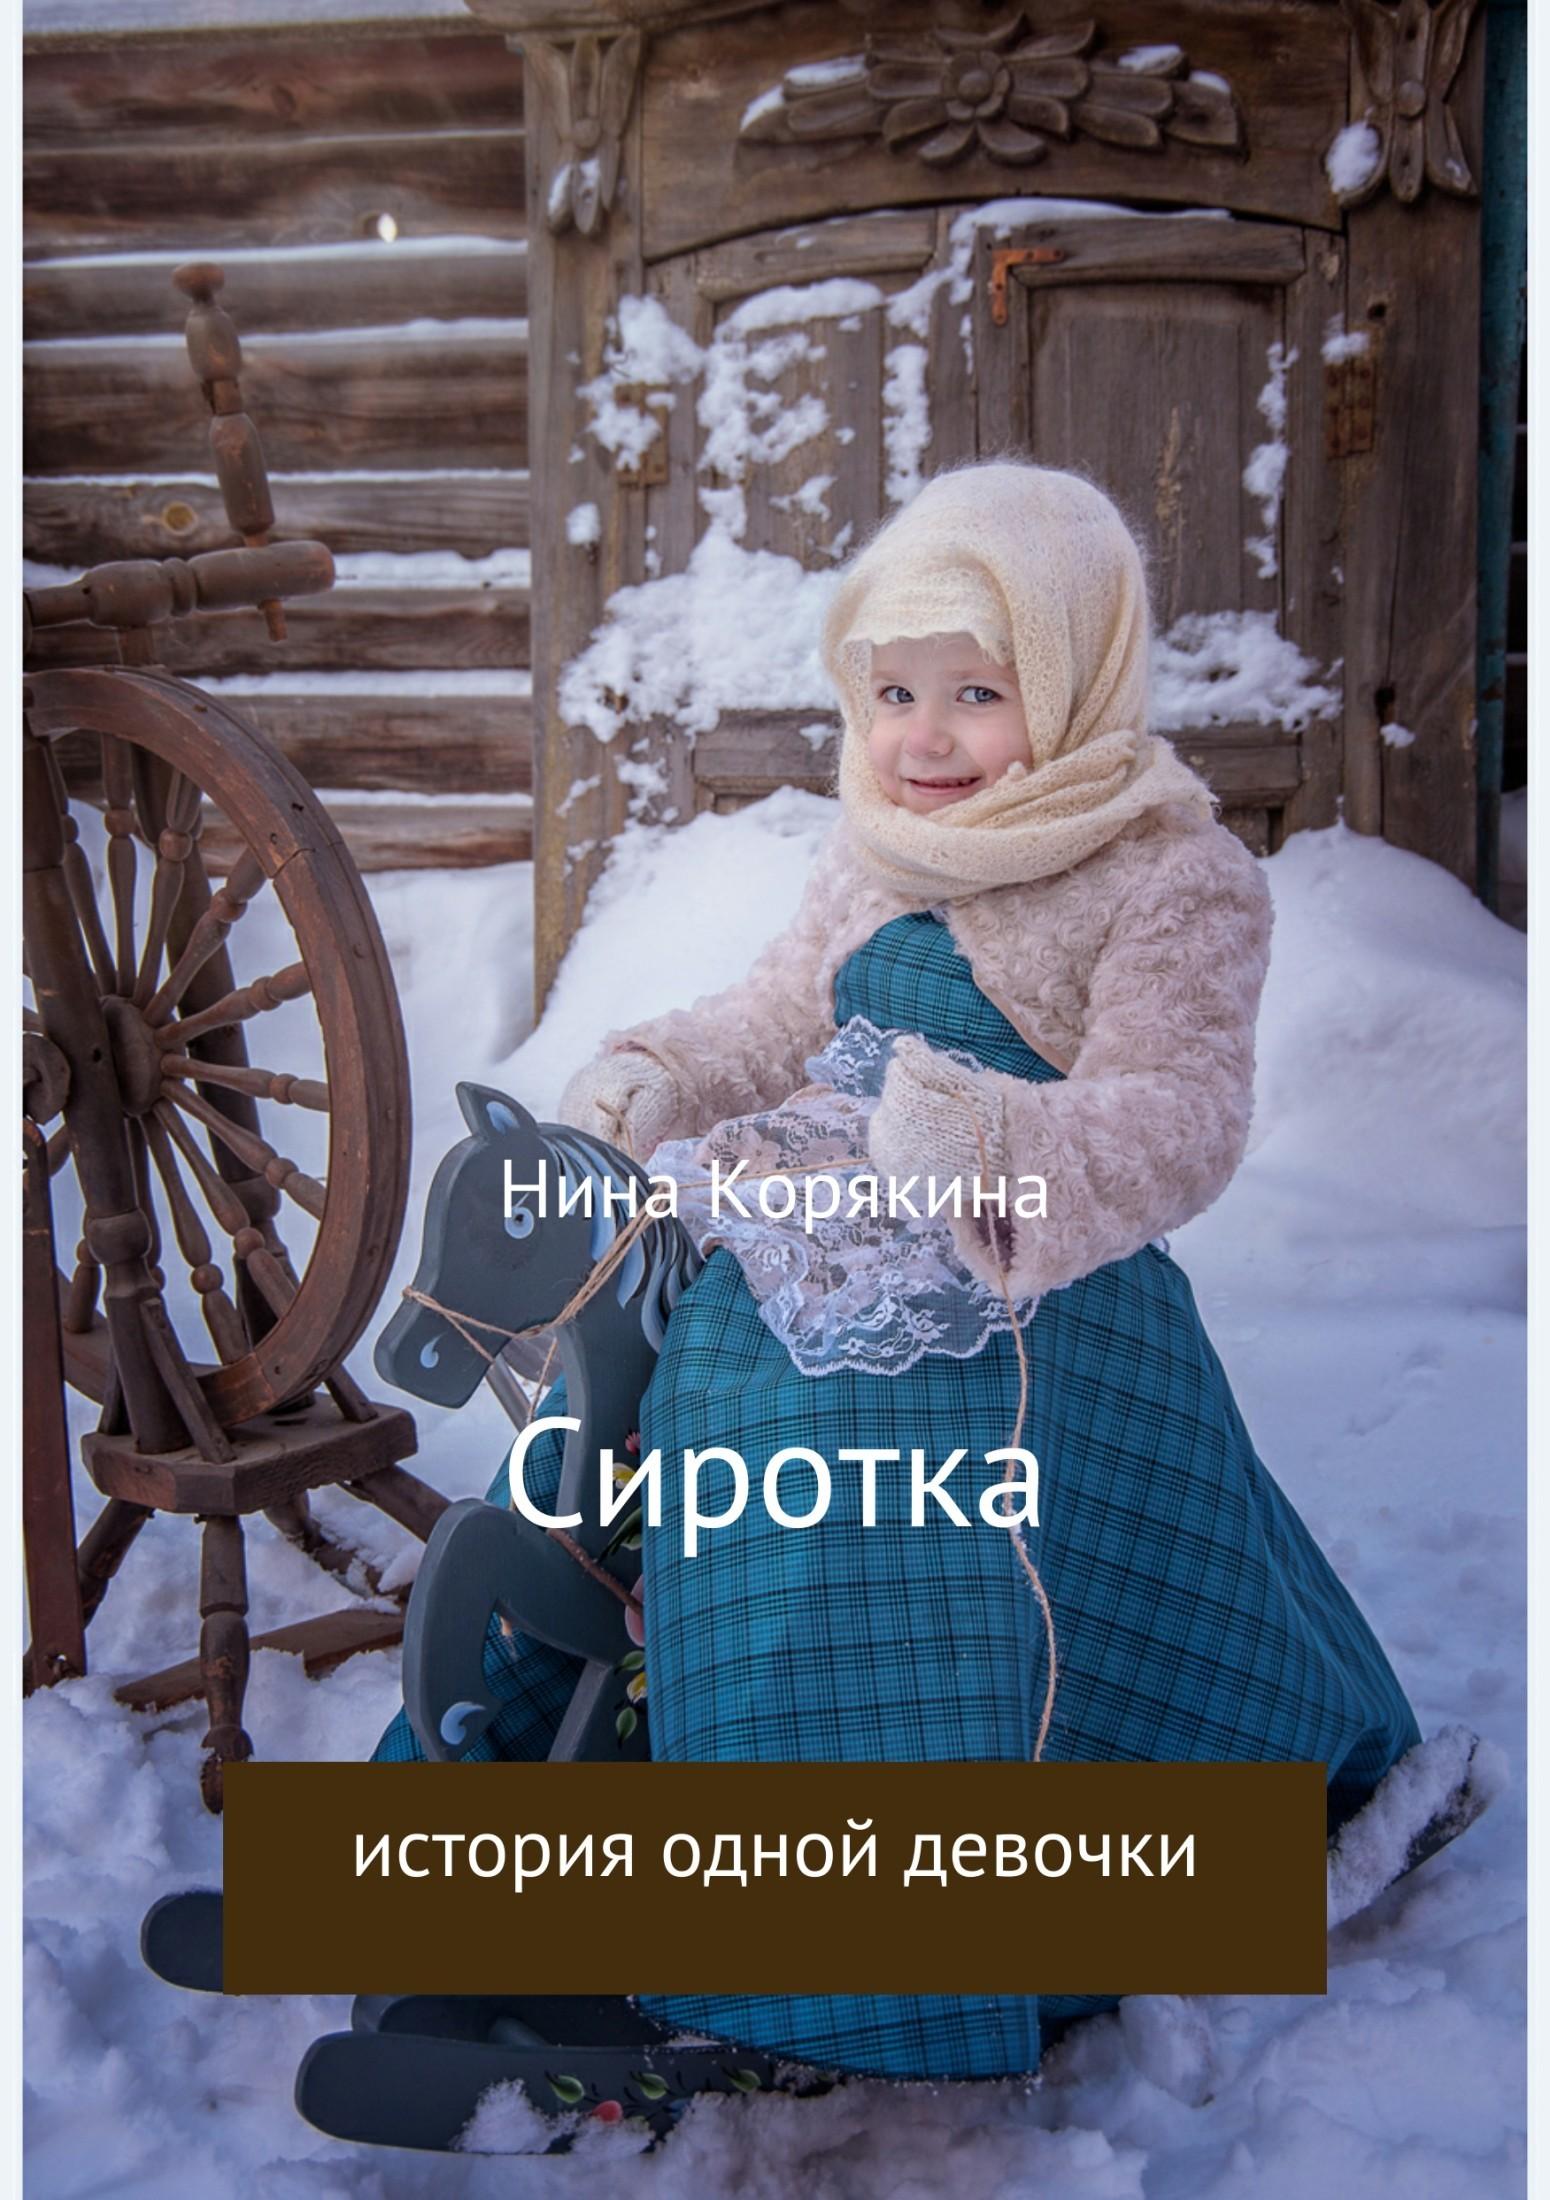 Нина Корякина бесплатно